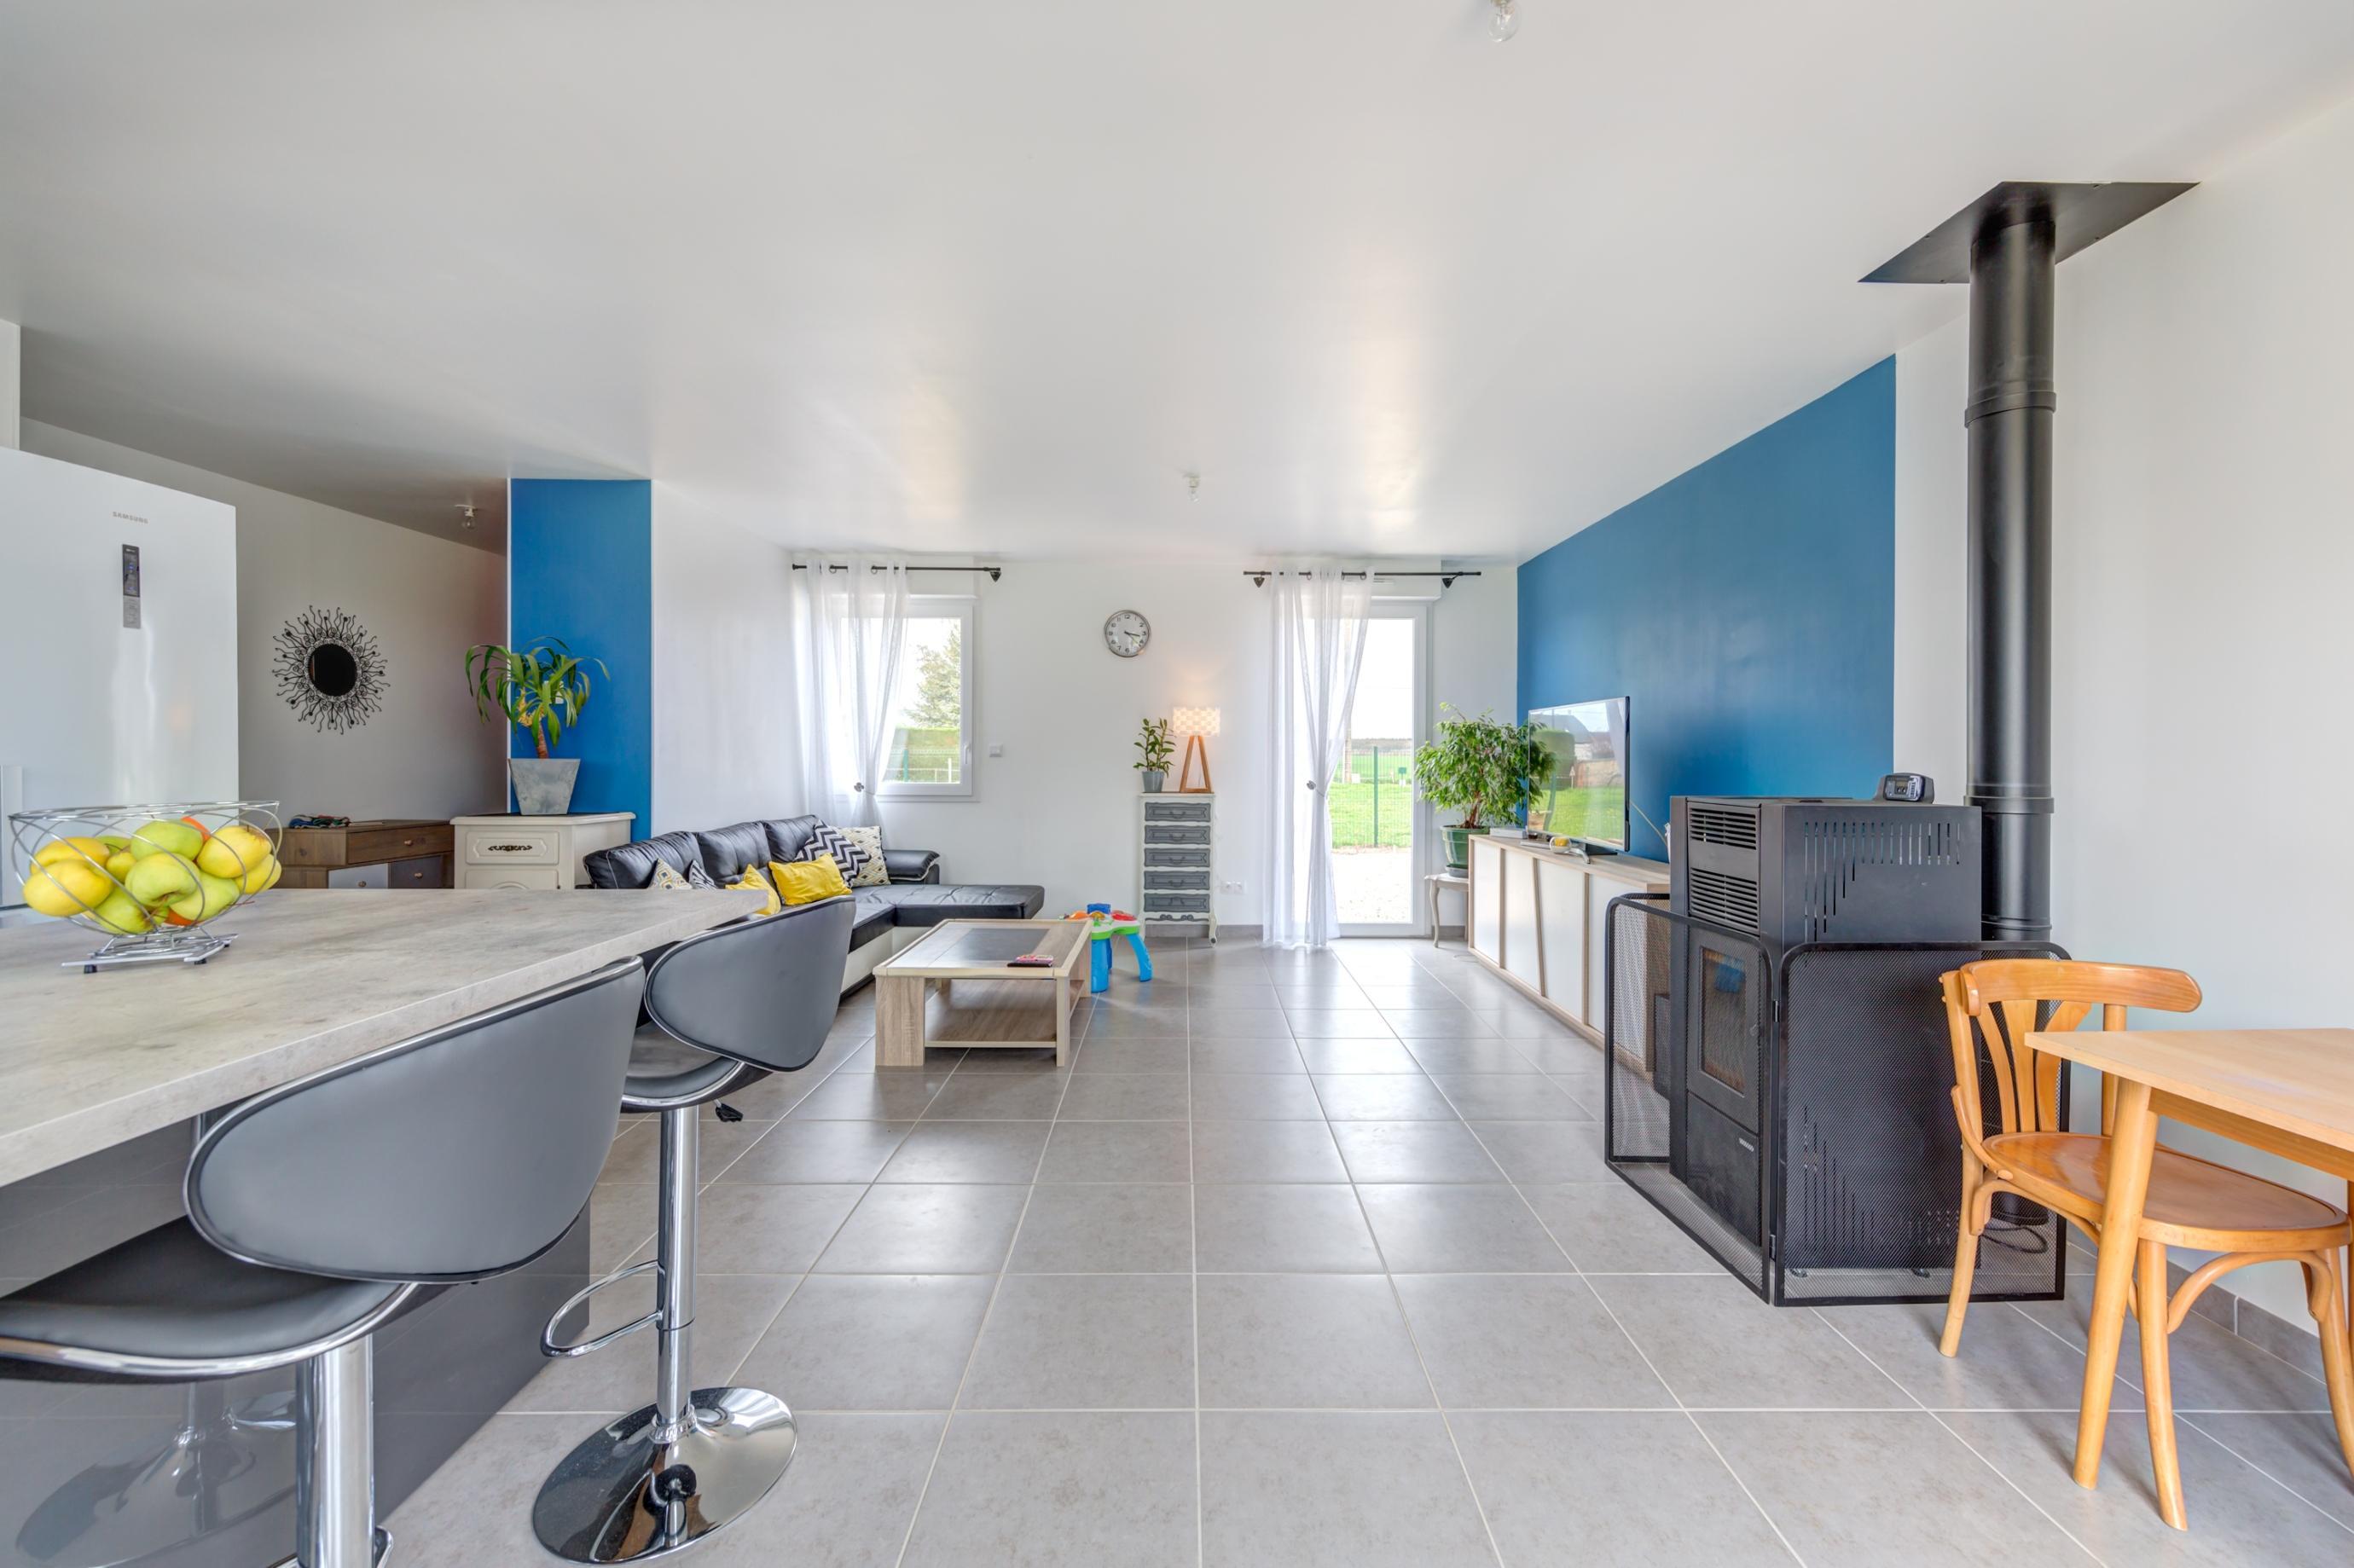 Maisons + Terrains du constructeur Maisons Phénix Le Mans • 93 m² • CHANGE